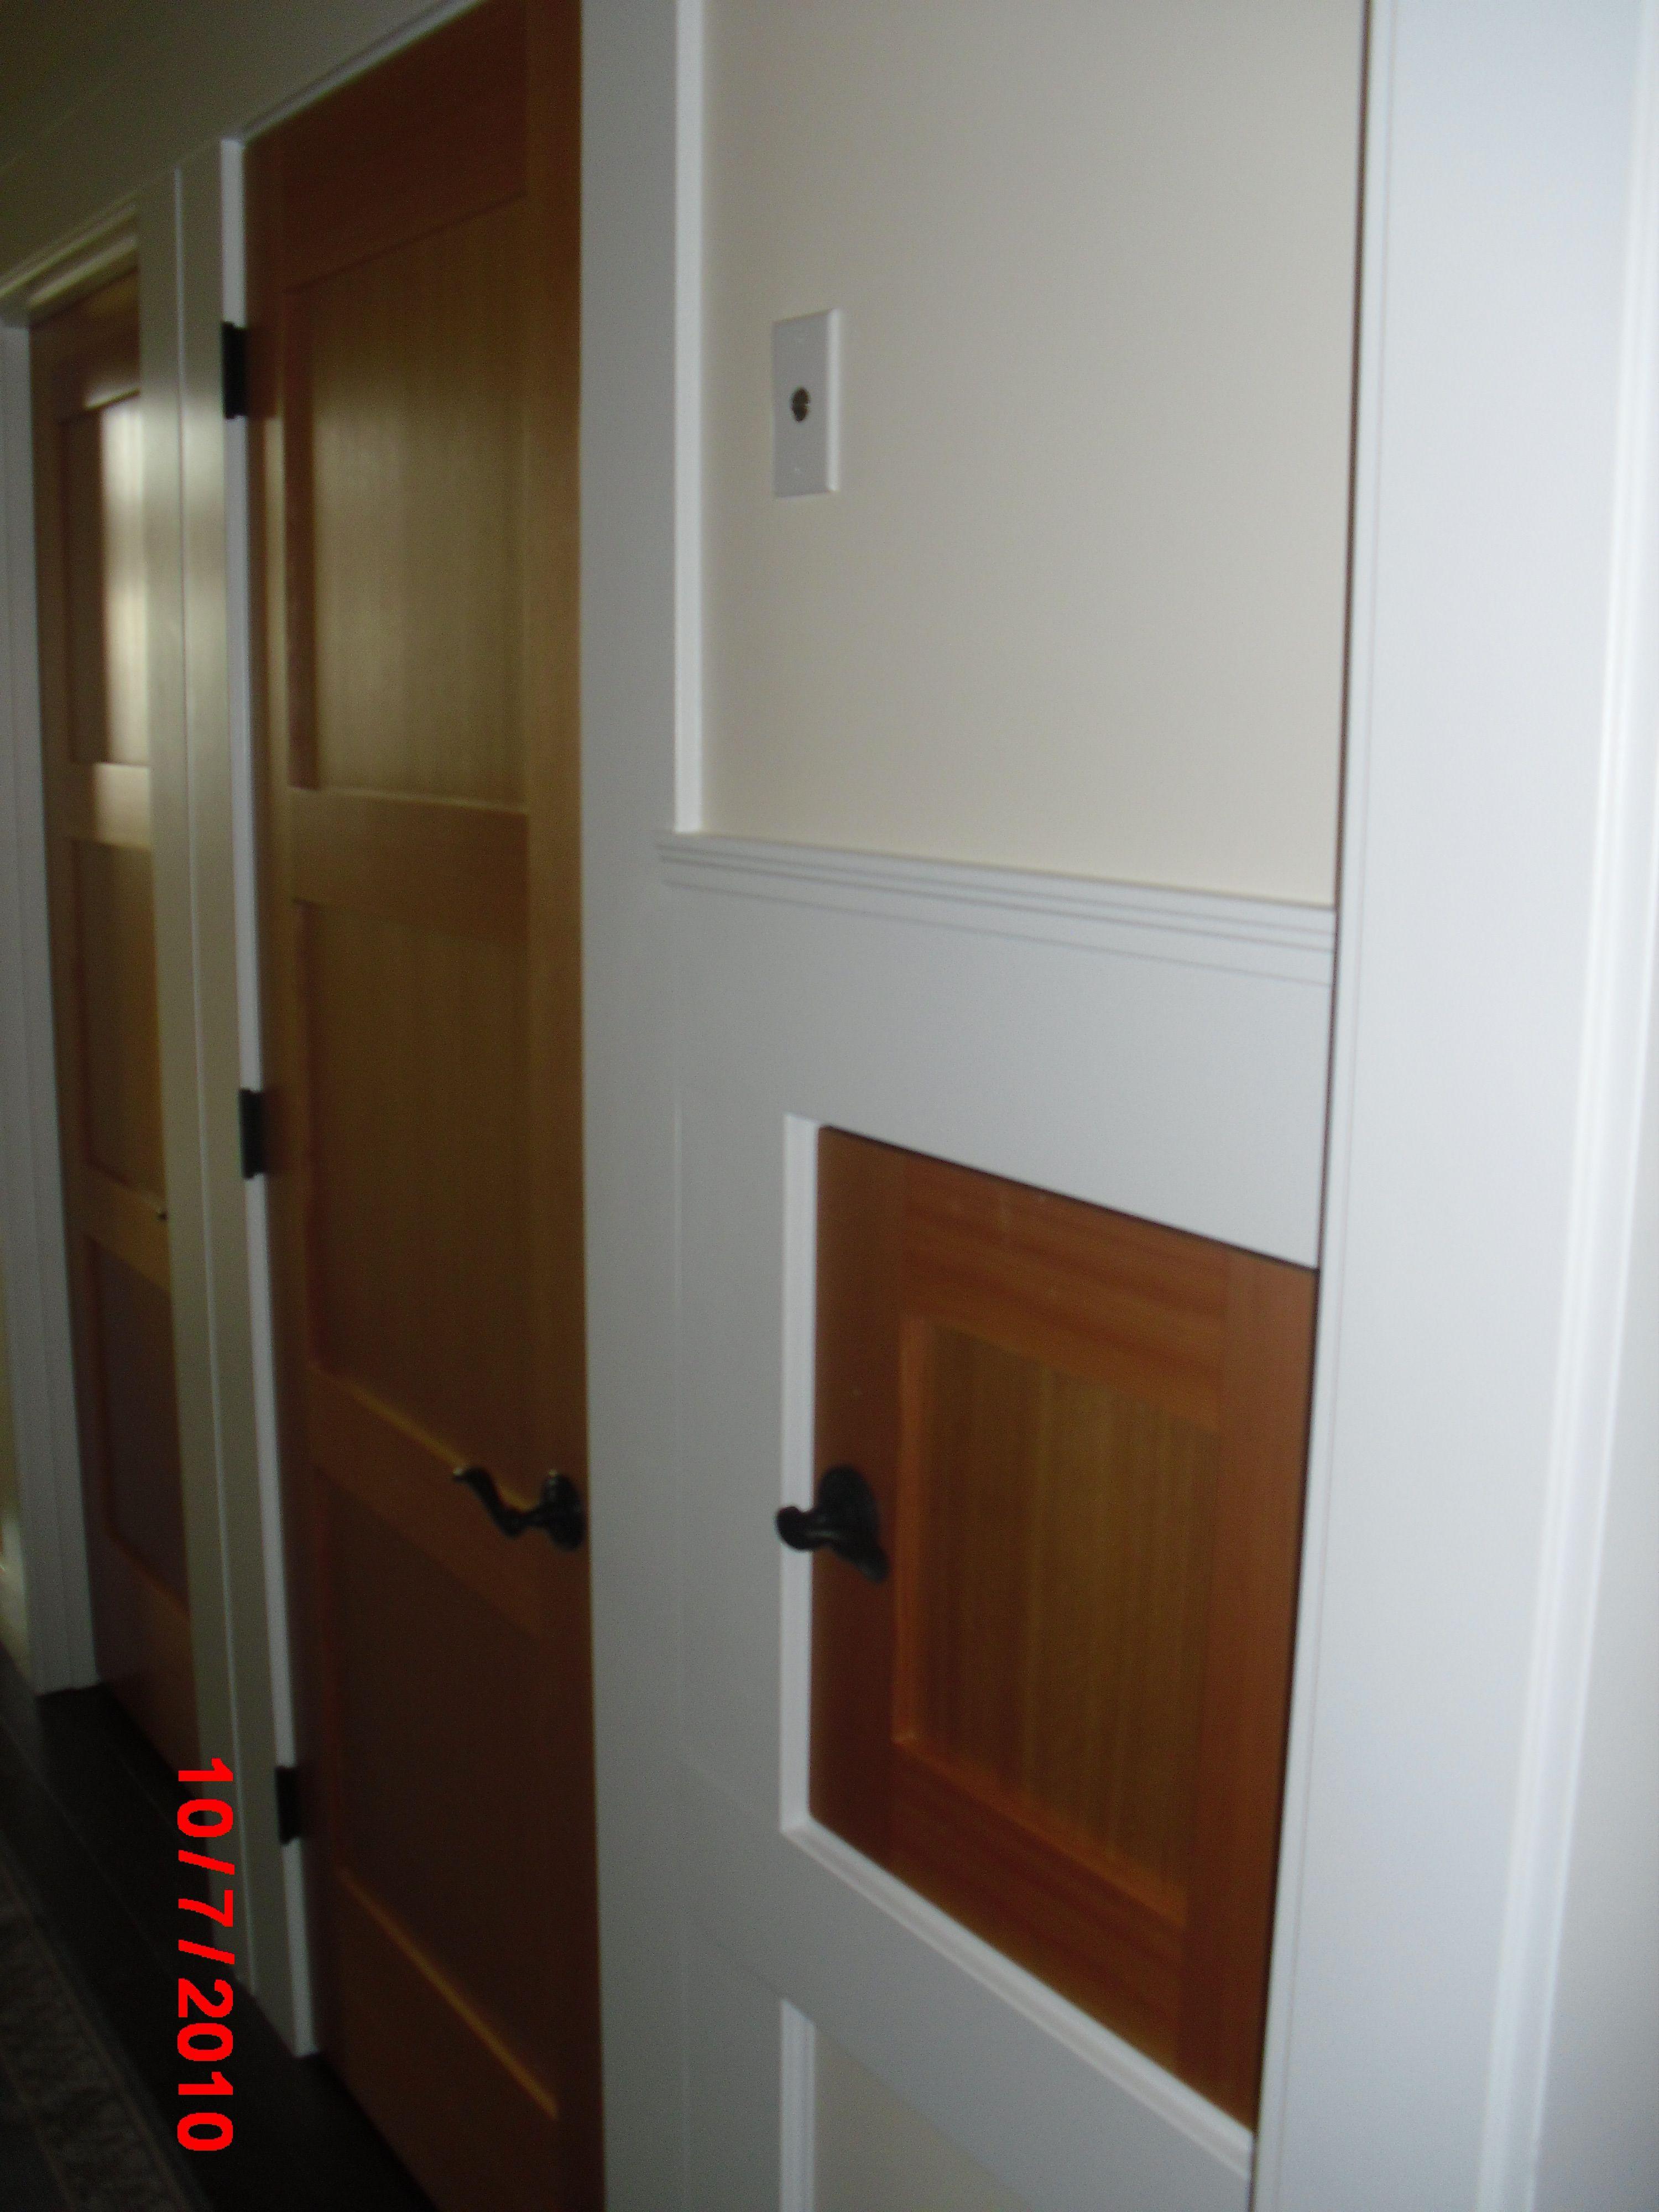 Residential dumbwaiter door looks just like any other door & Residential dumbwaiter door looks just like any other door ...